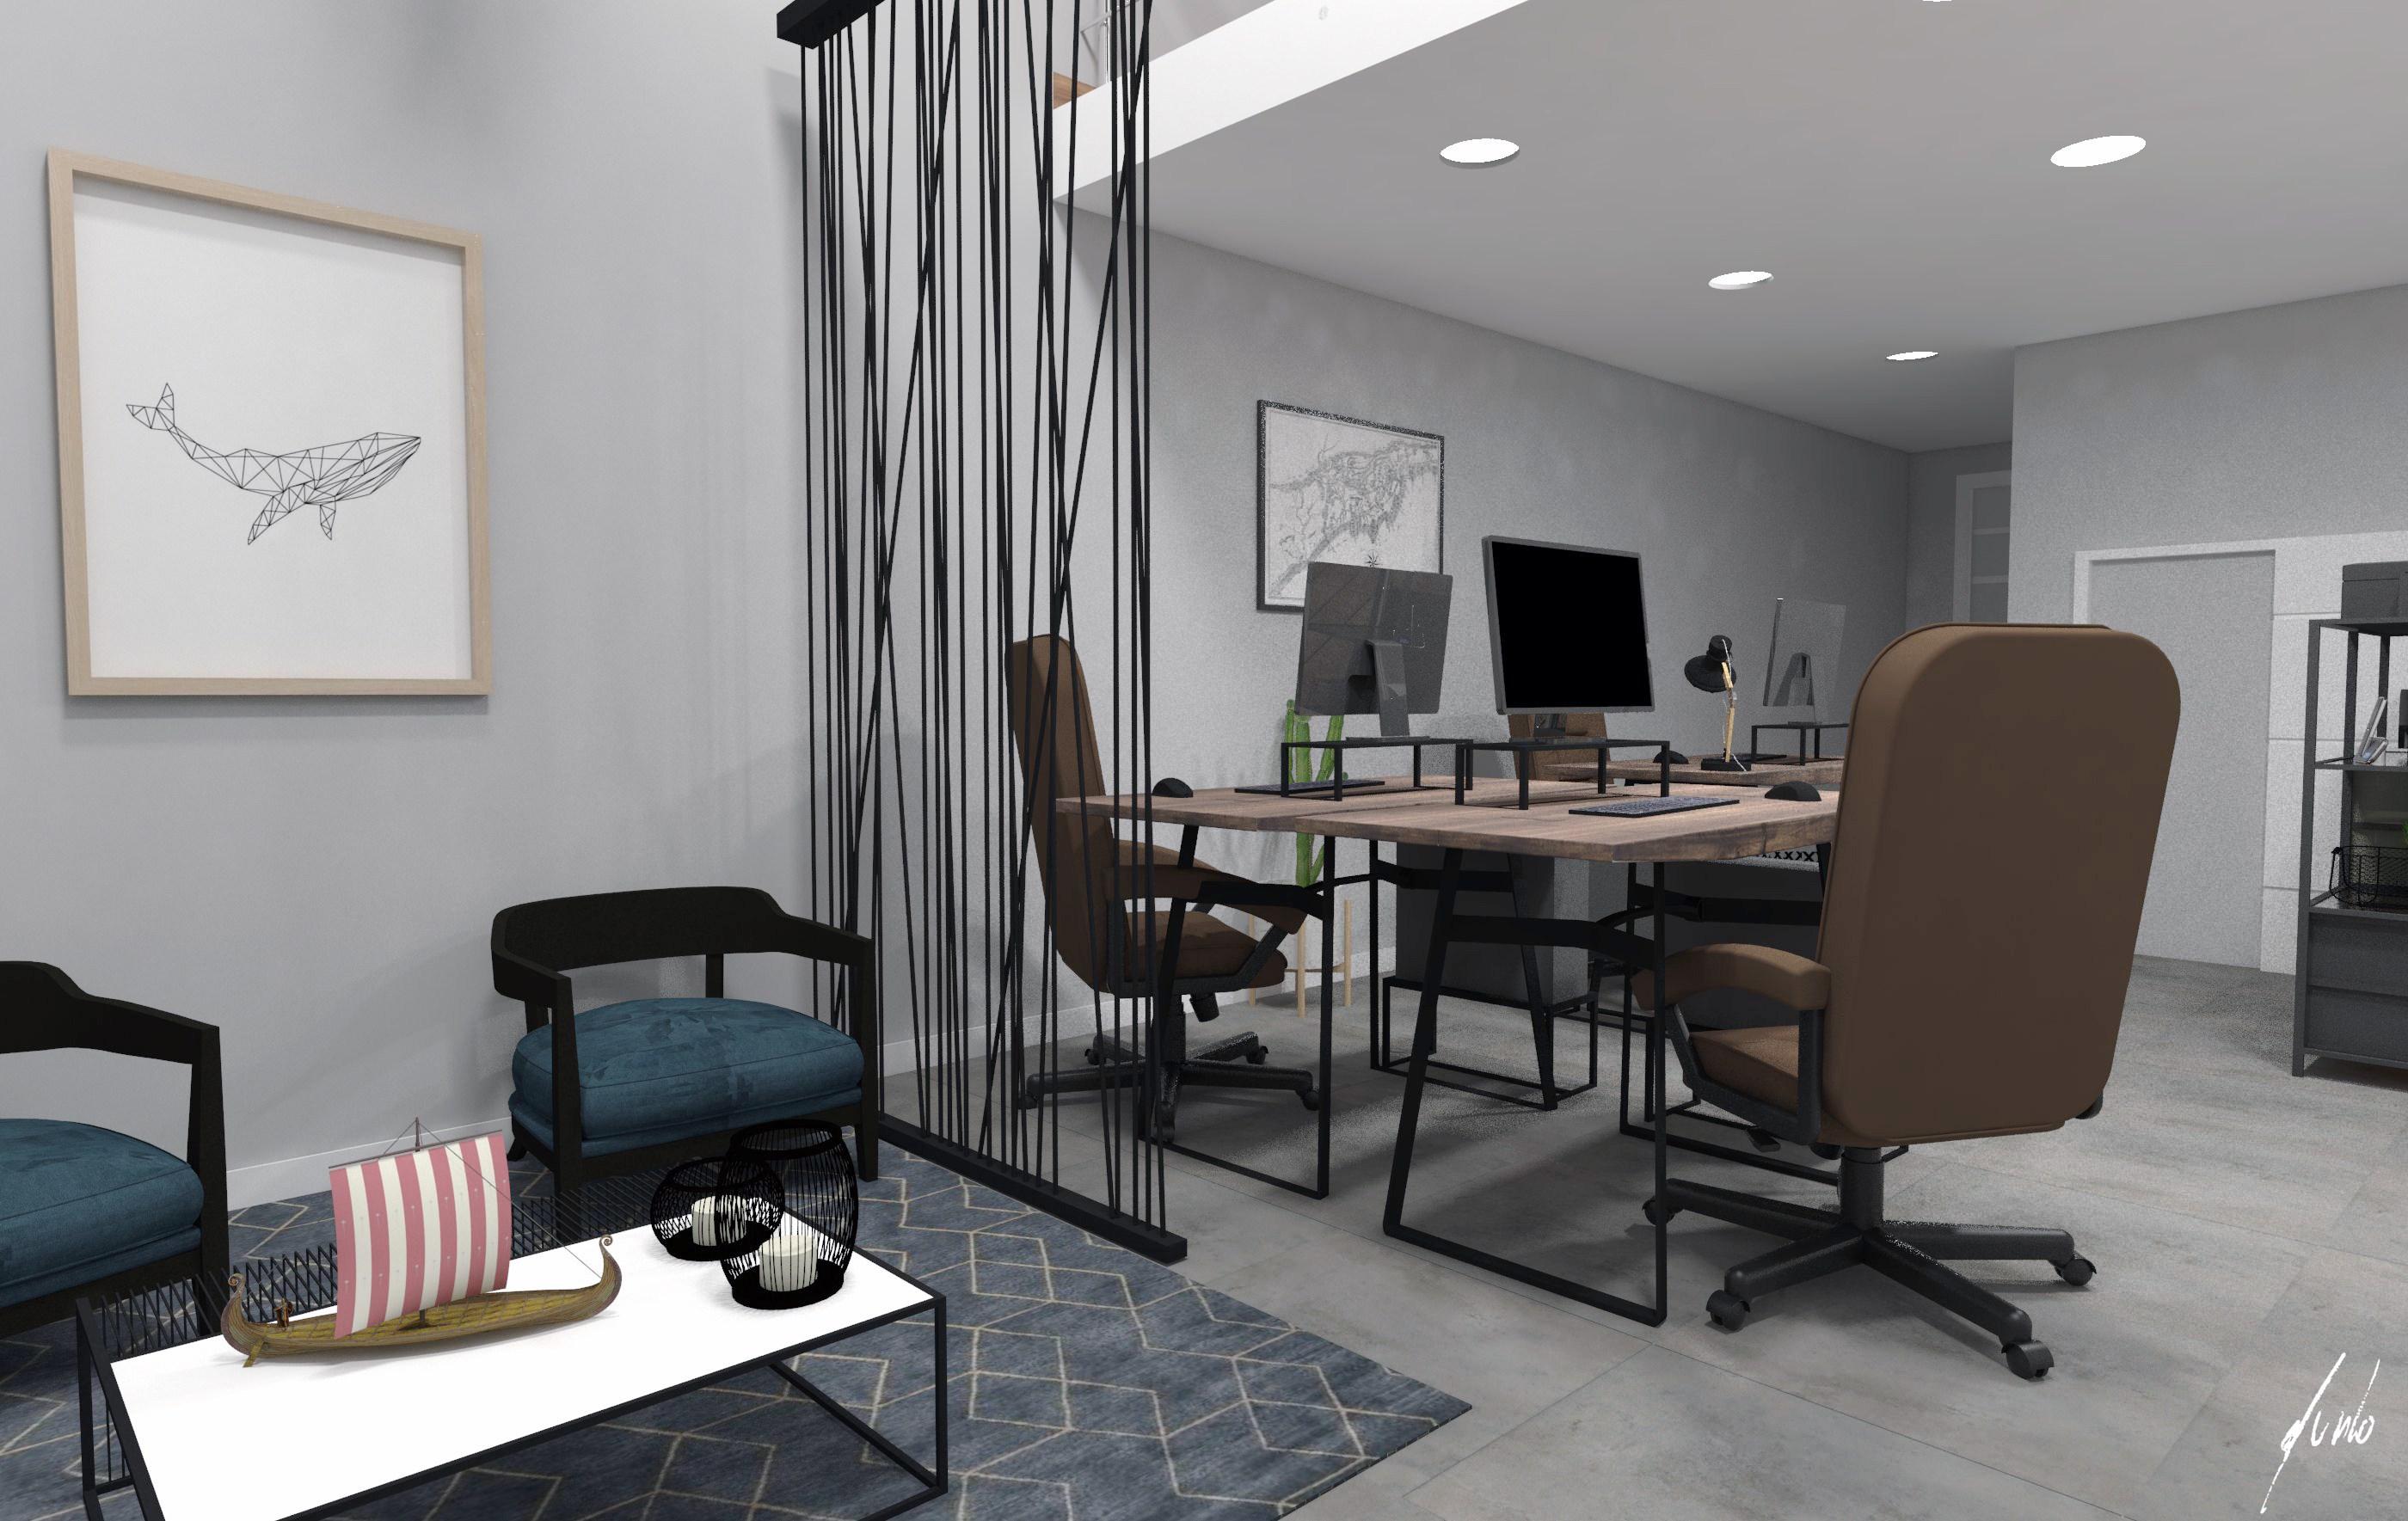 Projeto de design e decoracao para escritorio um escritorio muito moderno em paranagua - madeiras, ferro preto, plantas, cimento queimado, quadros - escritorios modernos 010